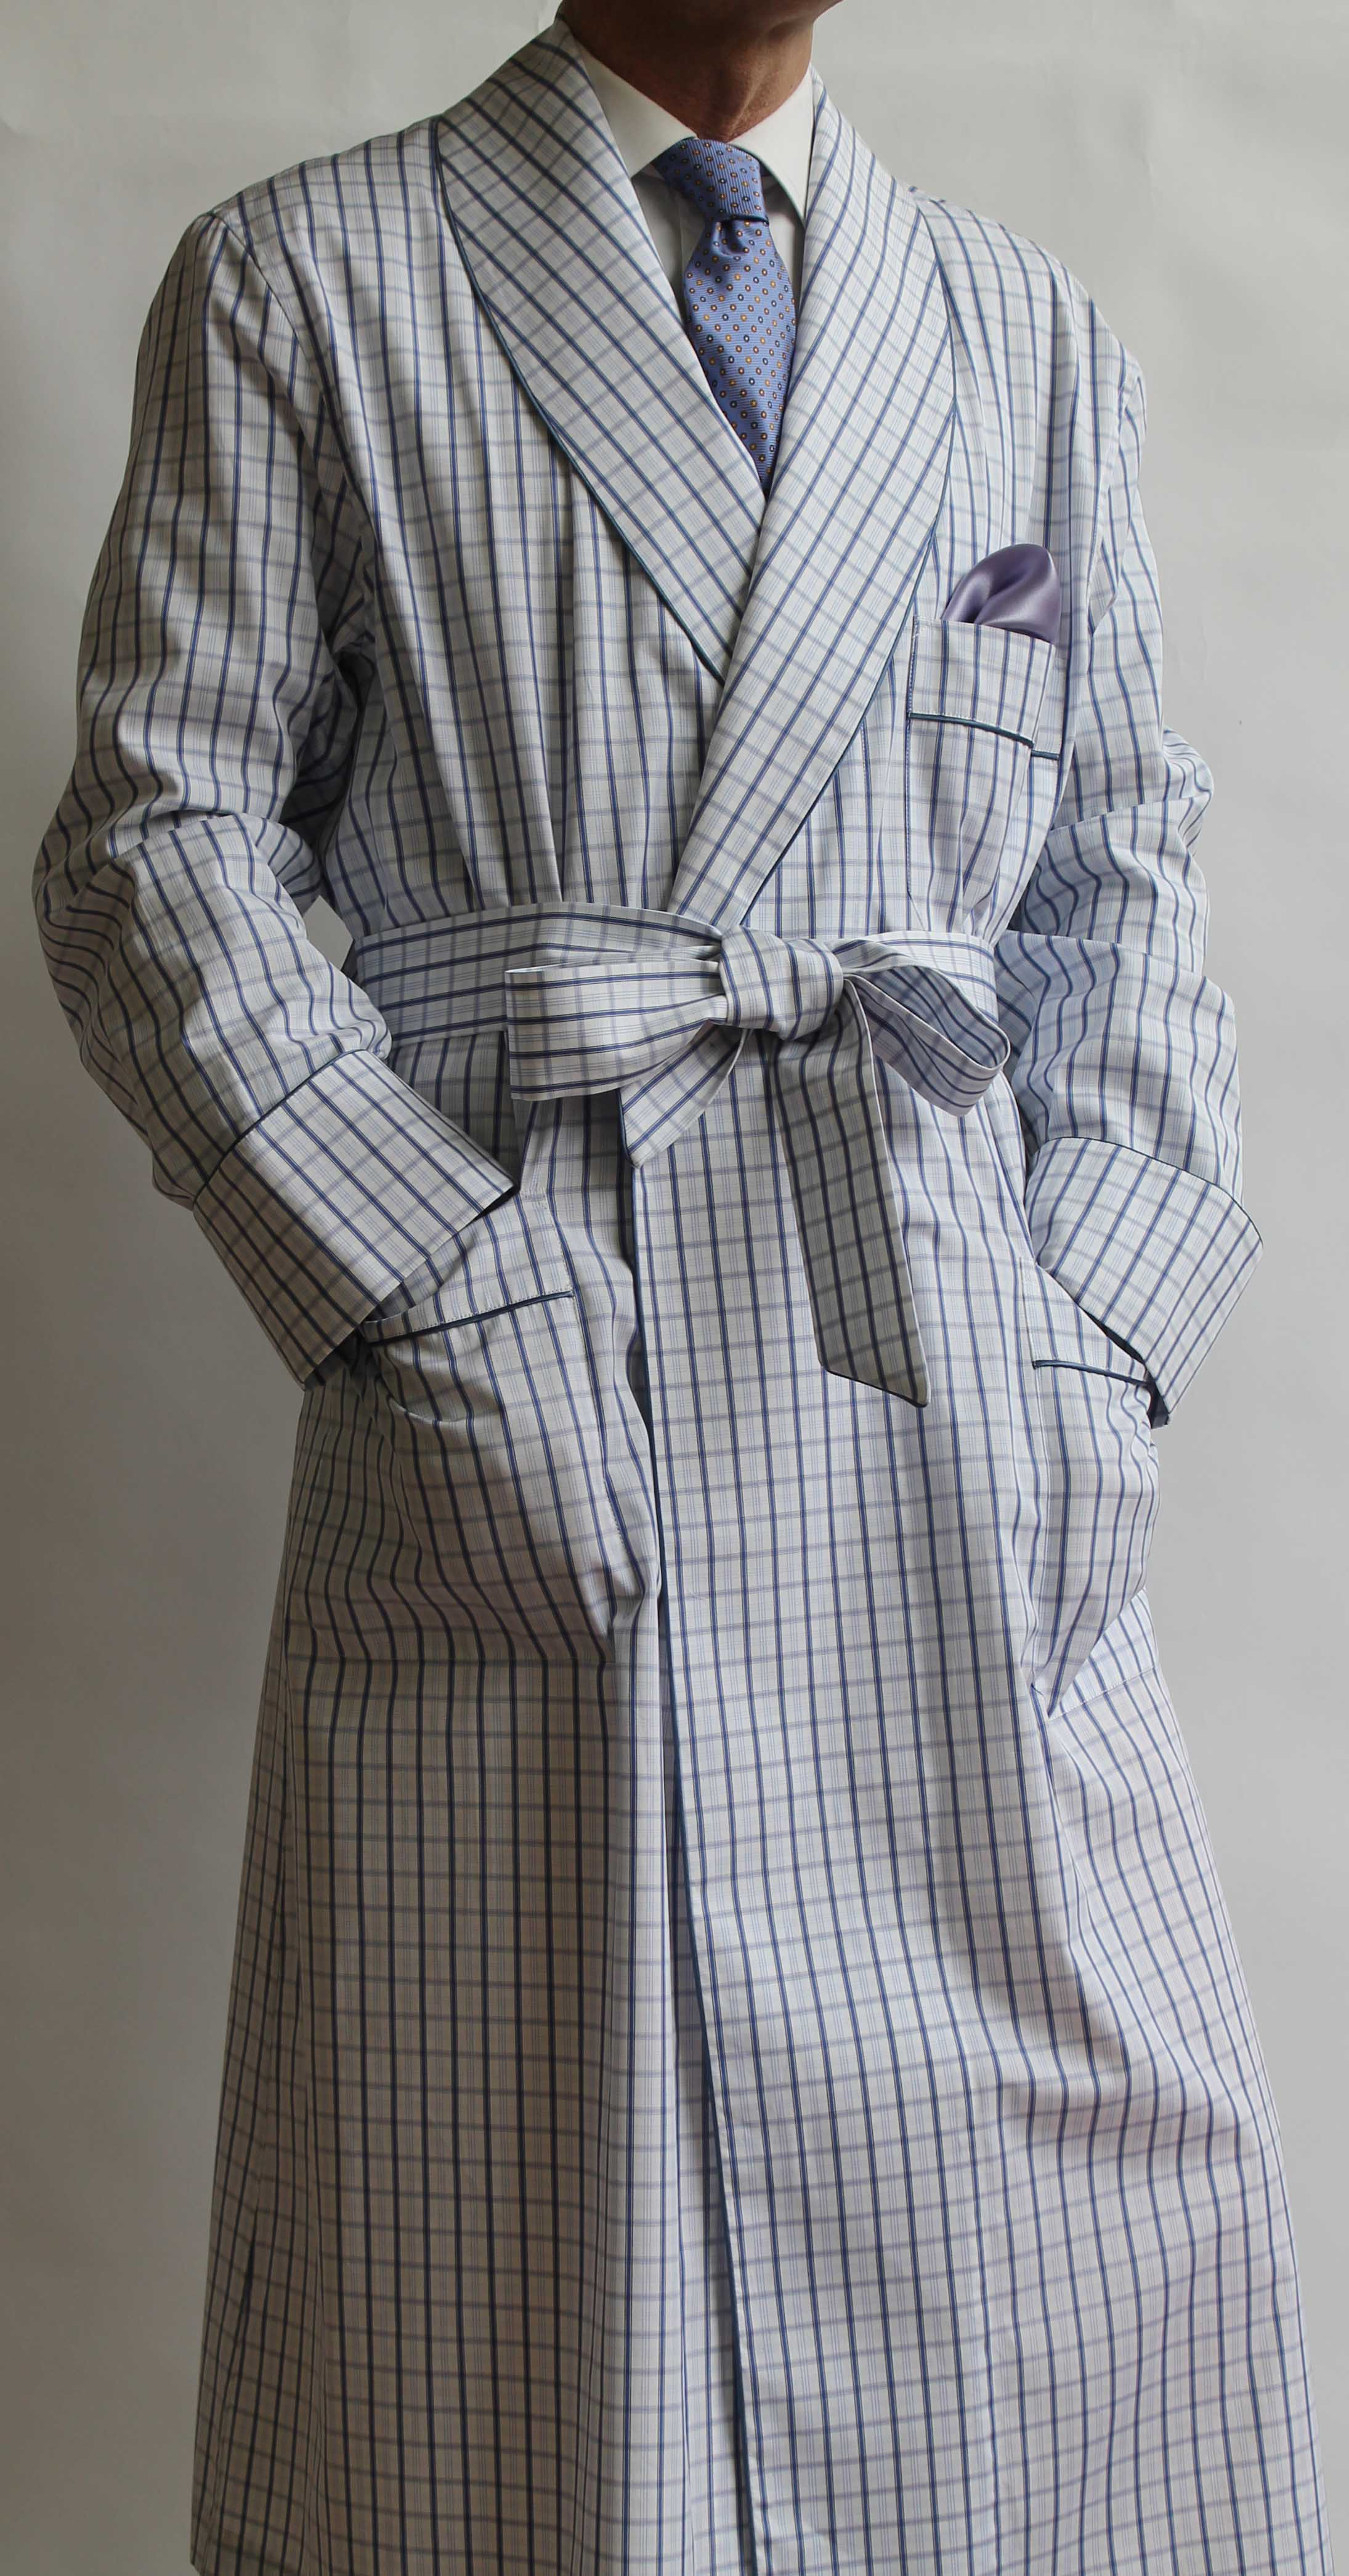 robe de chambre classique pour homme en 100 coton avec passepoil. Black Bedroom Furniture Sets. Home Design Ideas